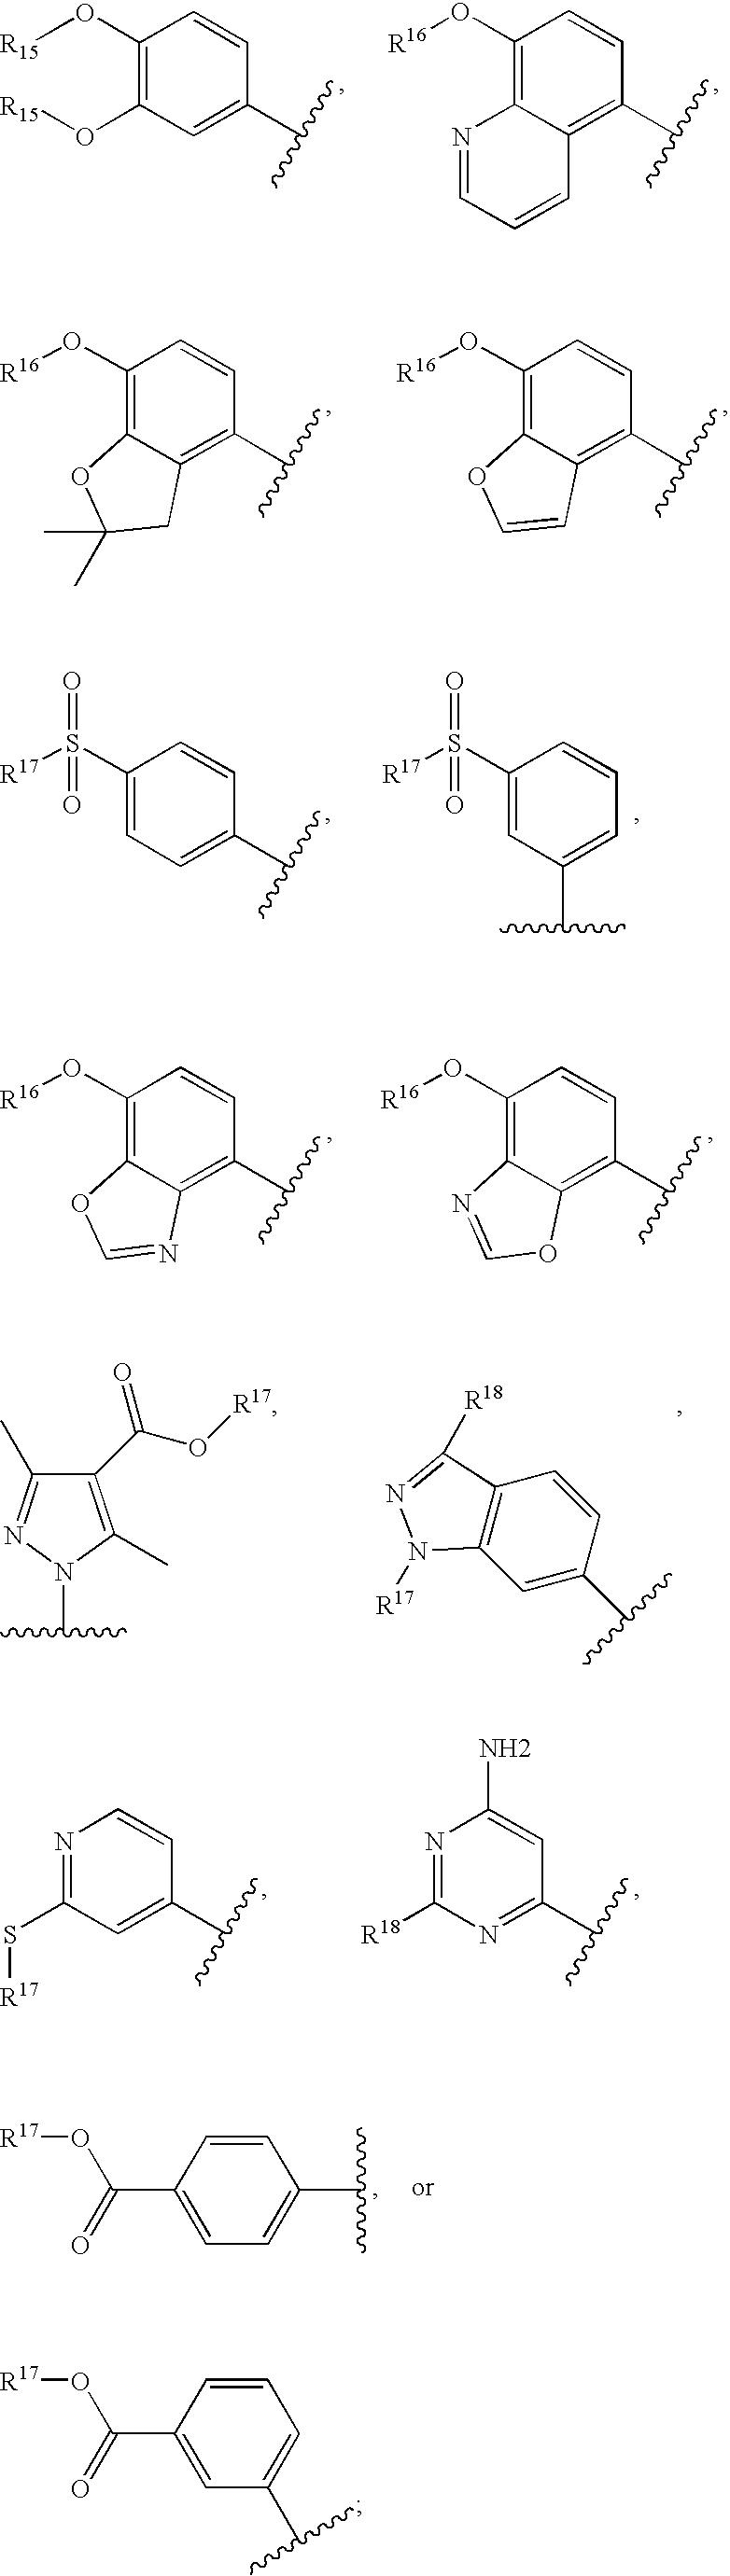 Figure US07605168-20091020-C00012